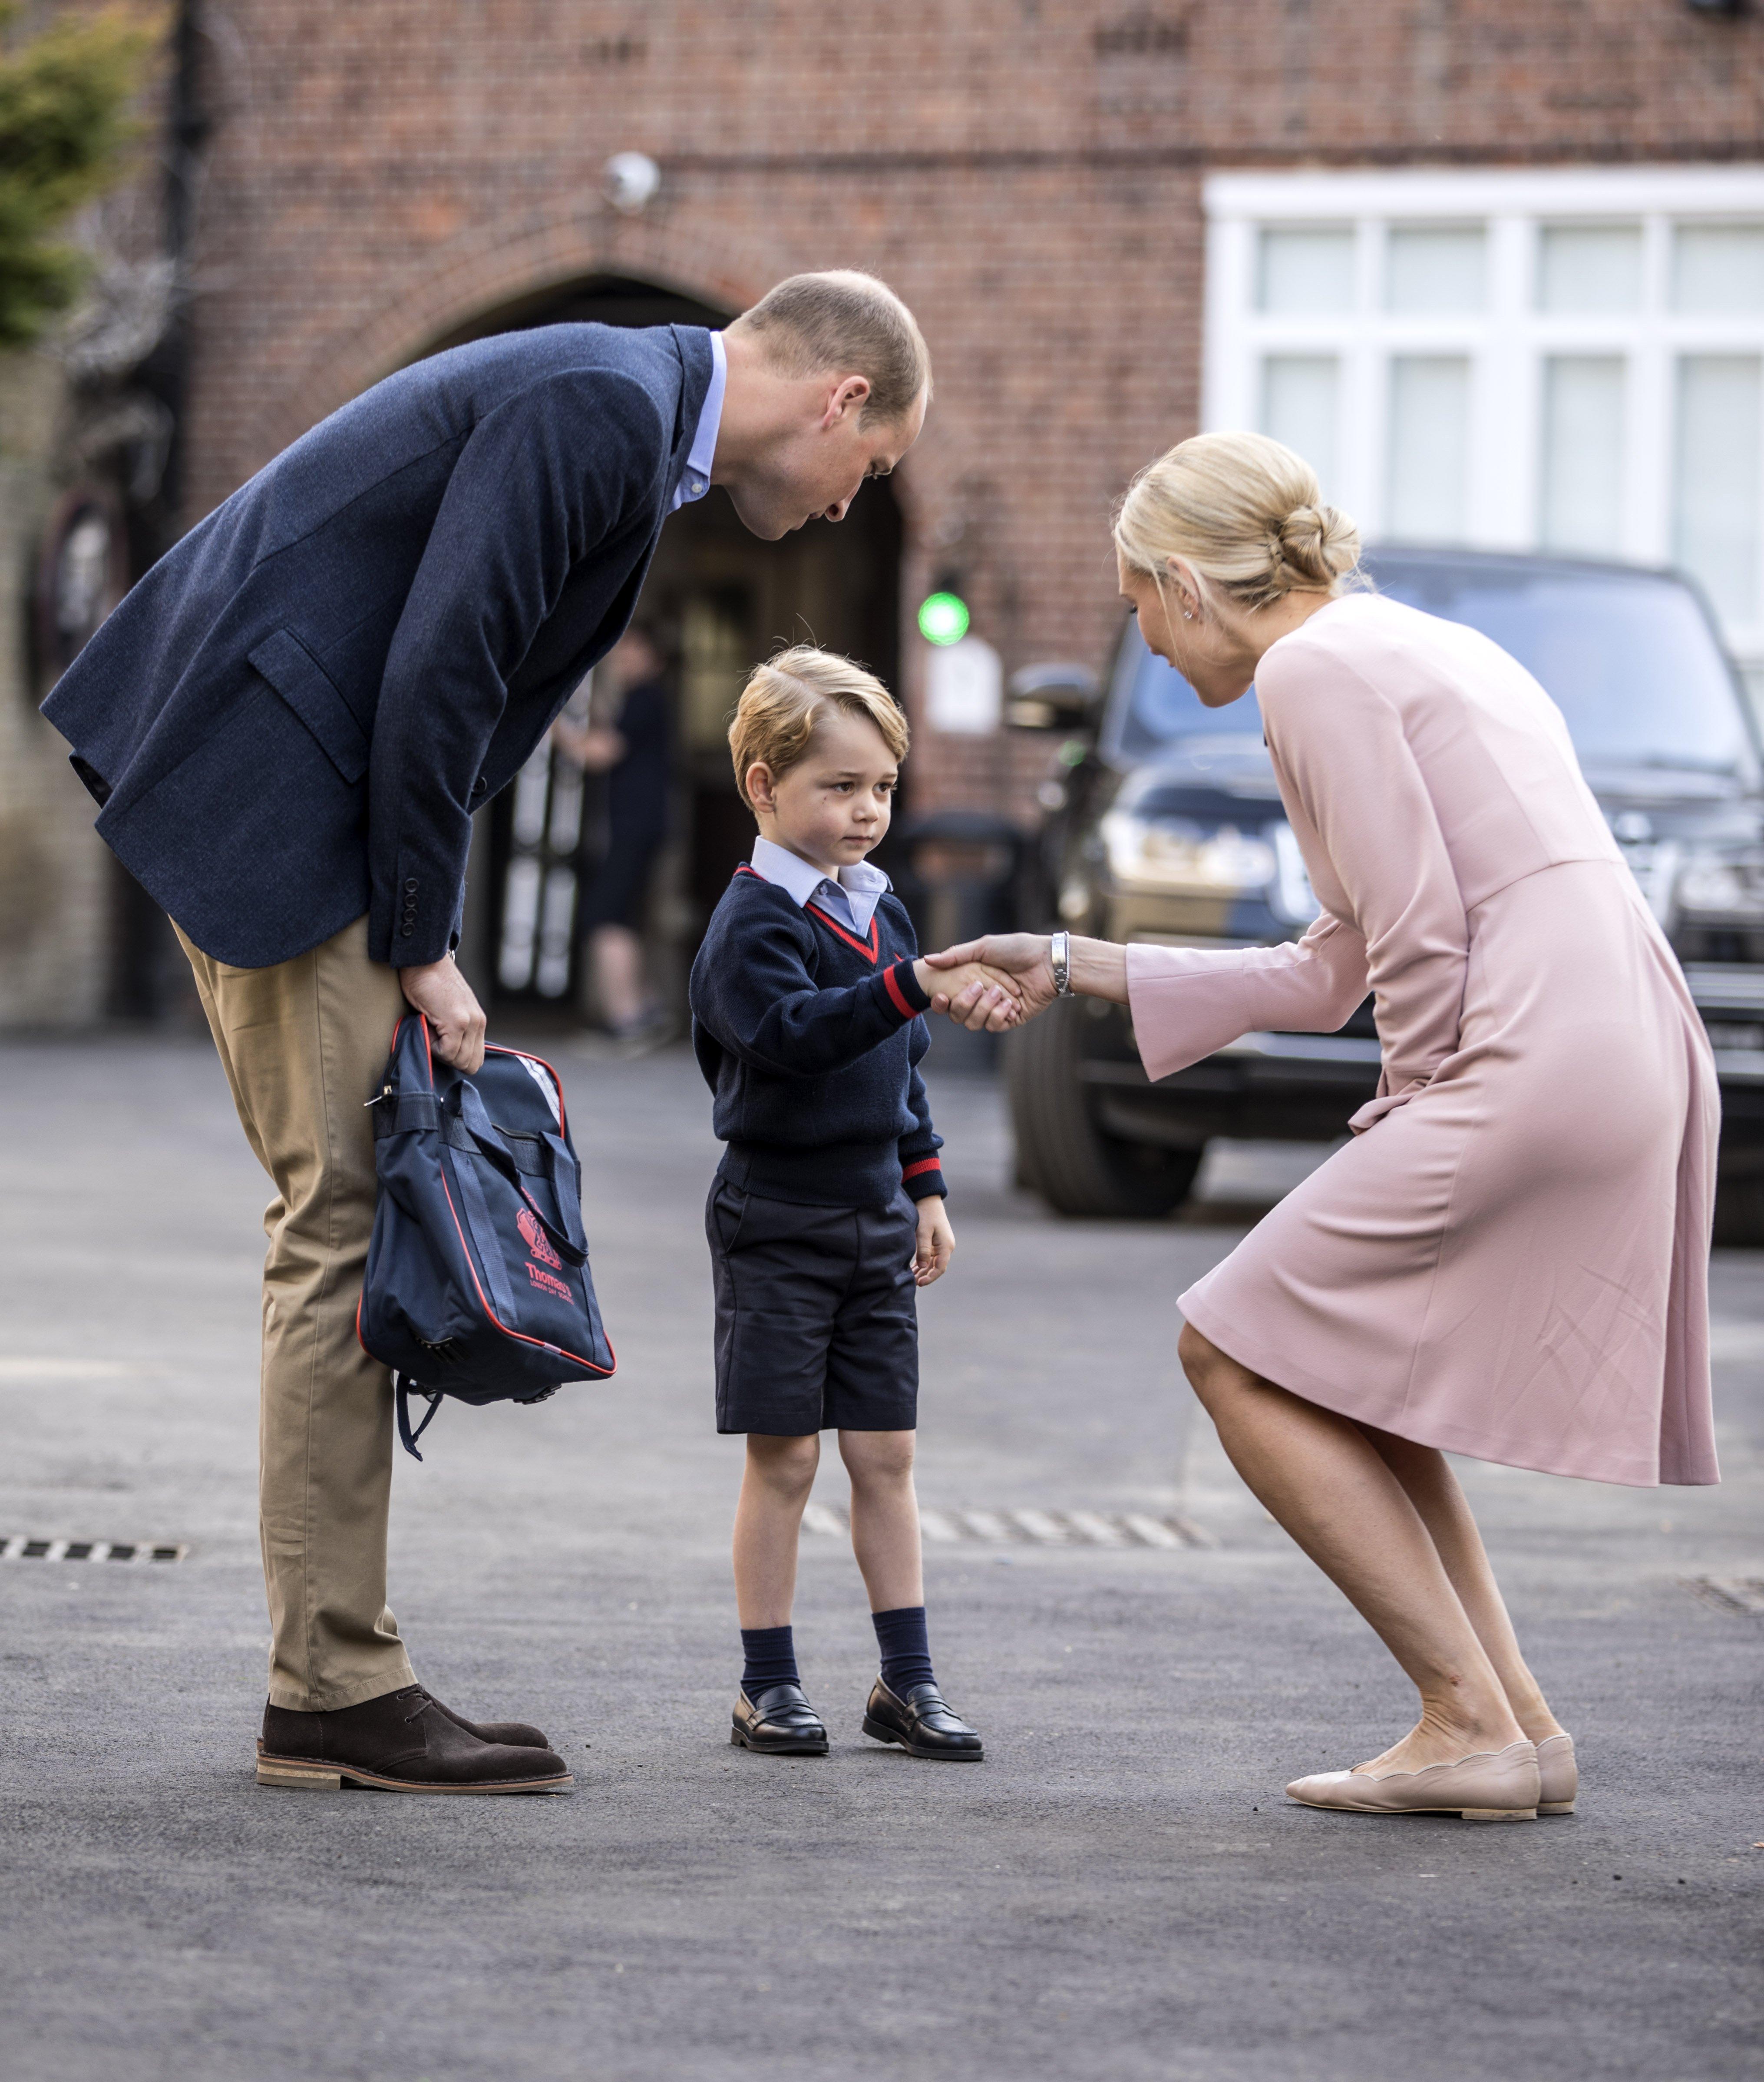 Fotografija princa Georgea na prvi dan škole i upoznavanje s učiteljicom obišla je svijet